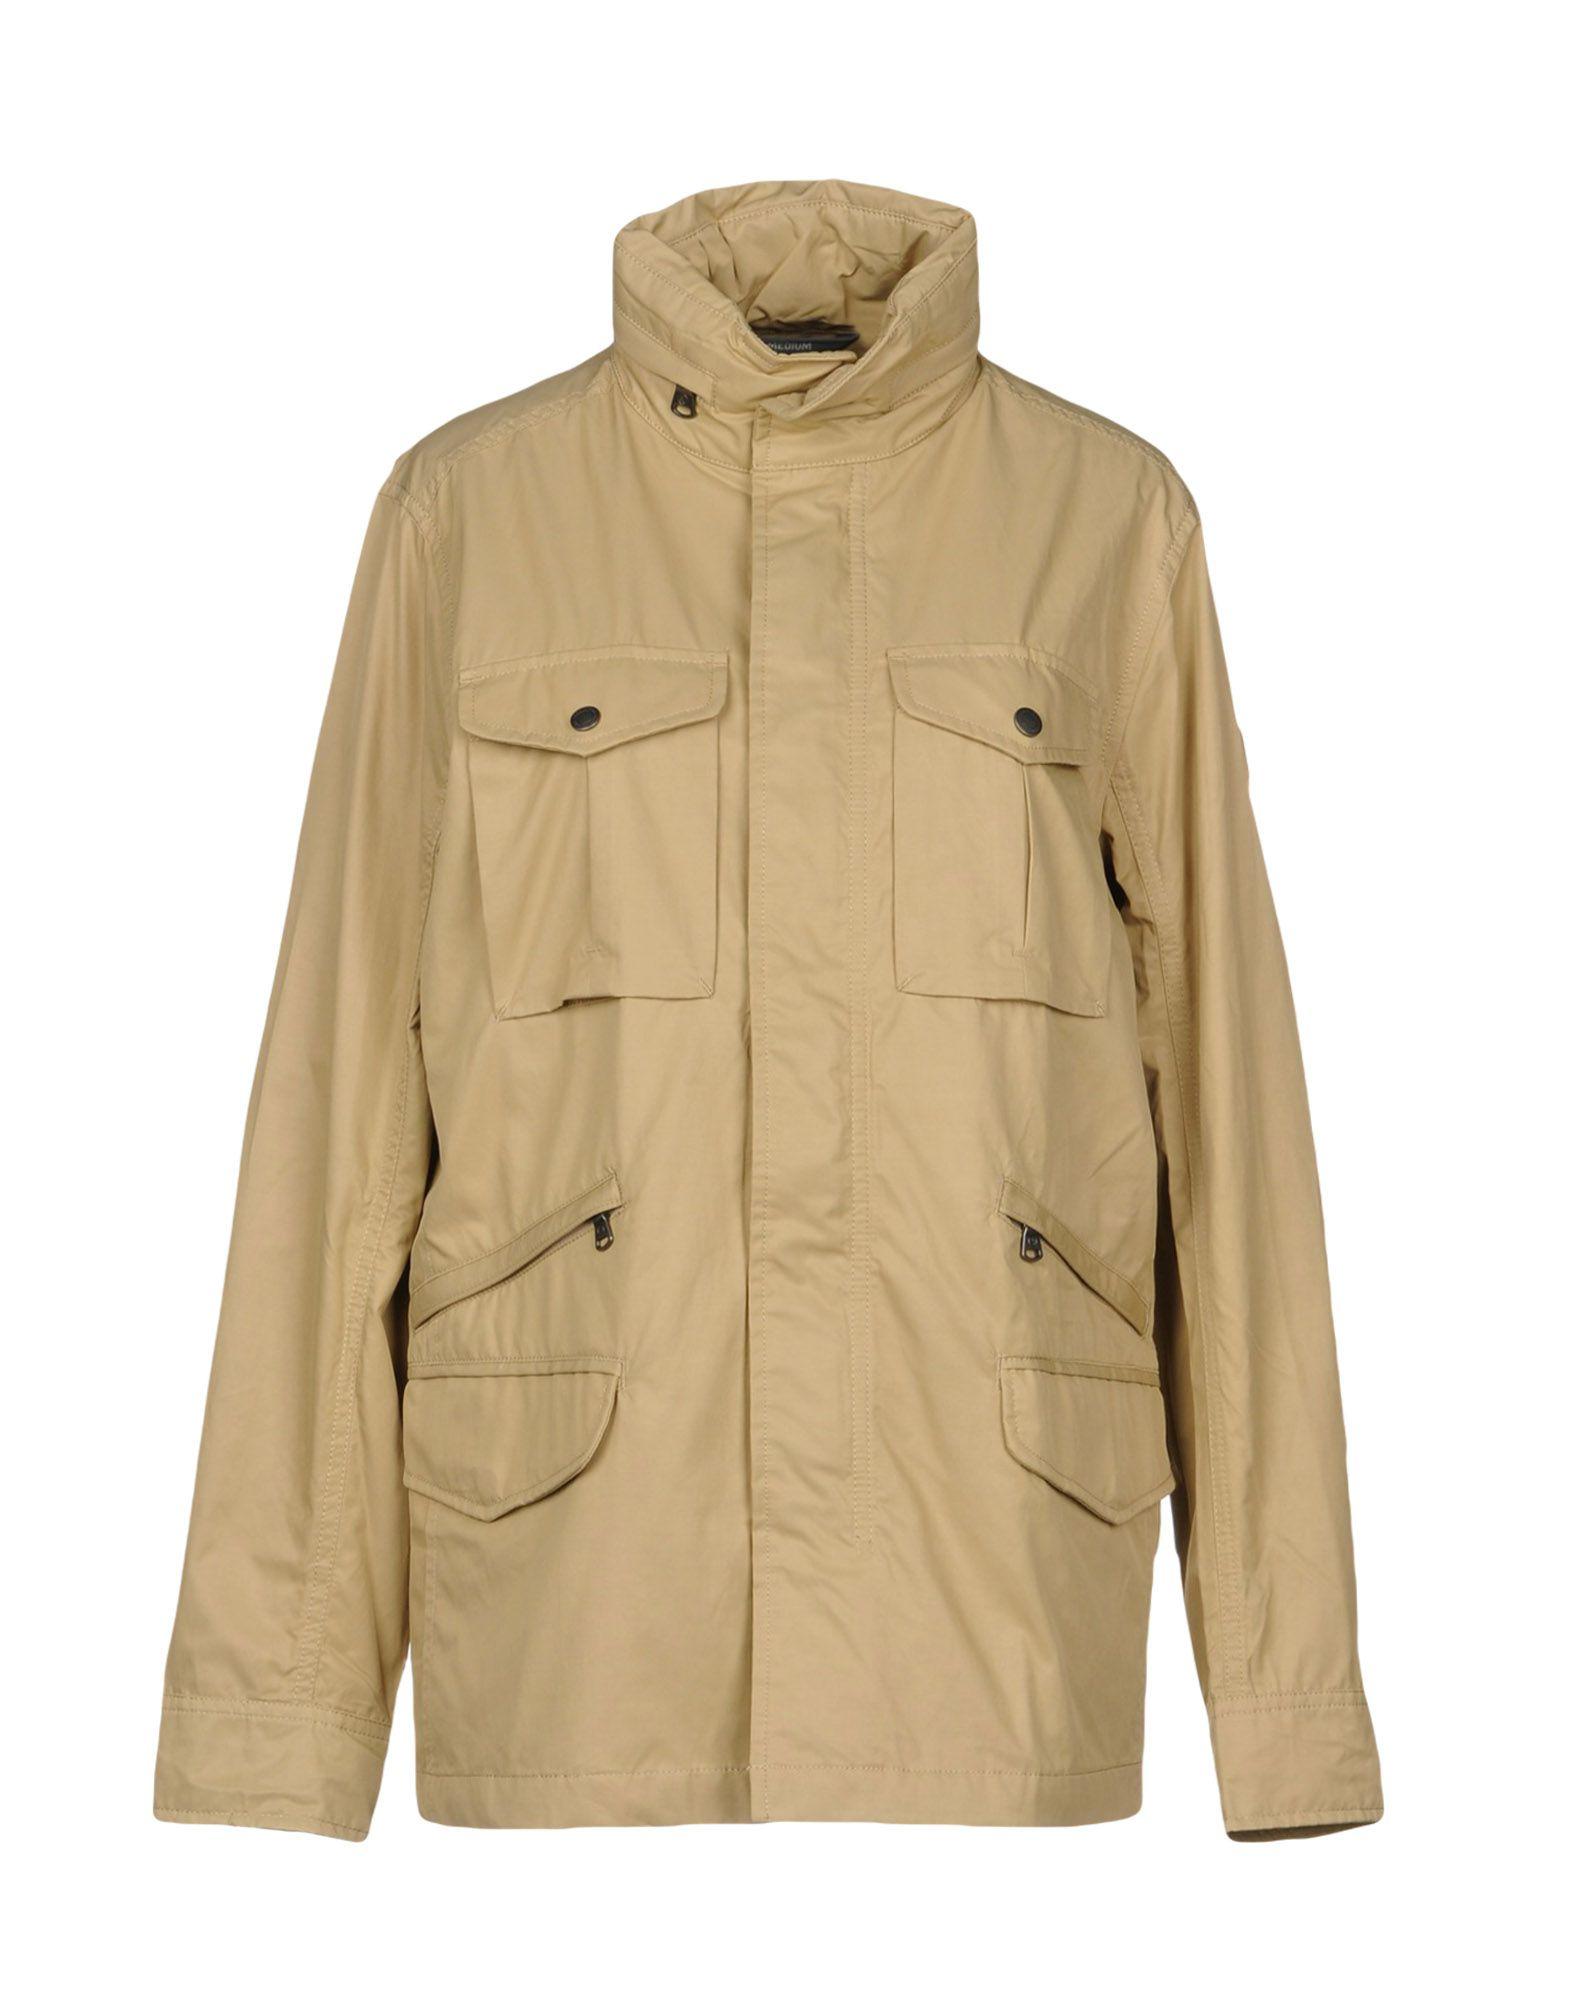 AIGLE Jackets in Beige